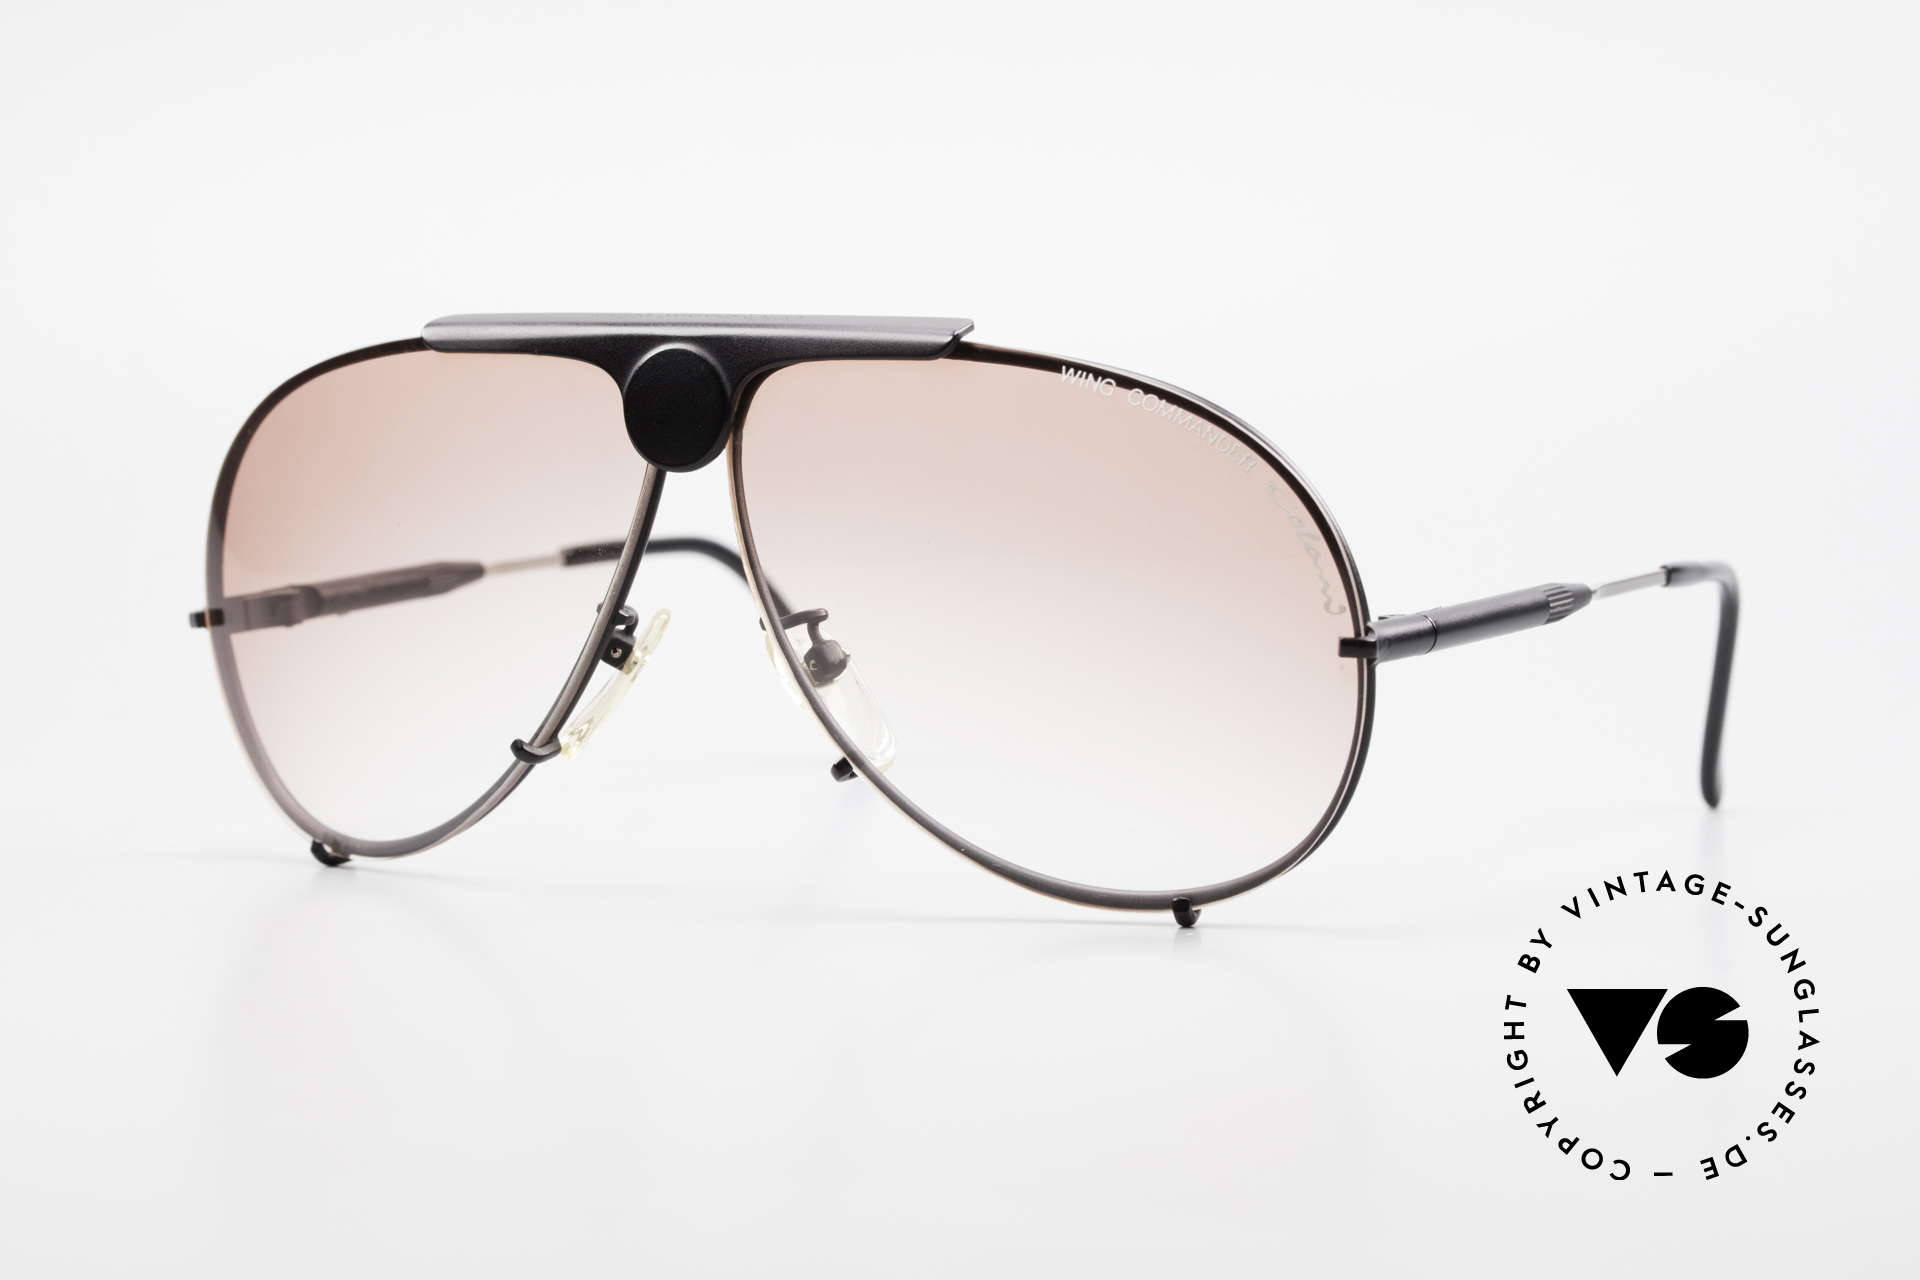 Colani 10-401 Wing Commander Optos Design, sehr auffällige Luigi COLANI Sonnenbrille der 80er, Passend für Herren